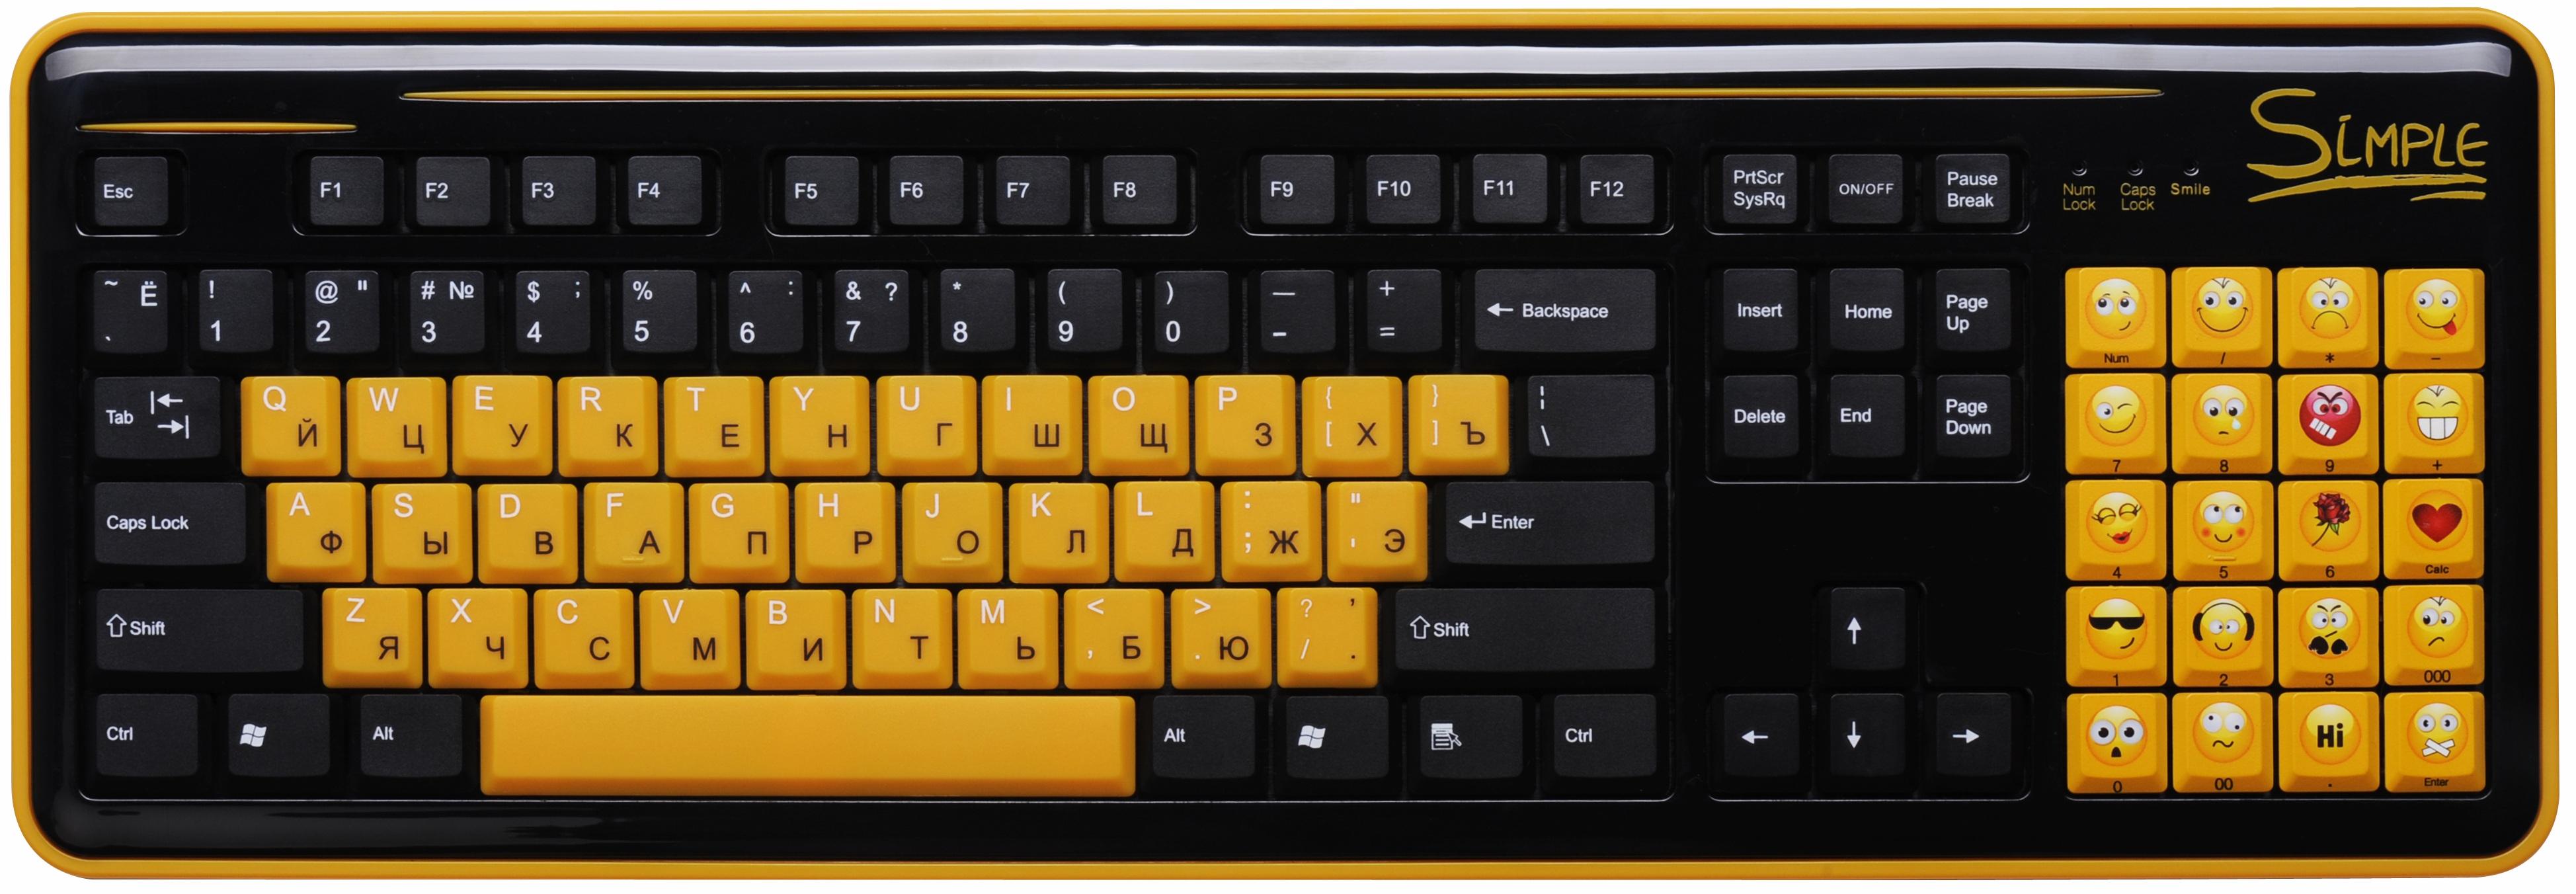 Клавиатура со смайликами со смайлами на компьютер